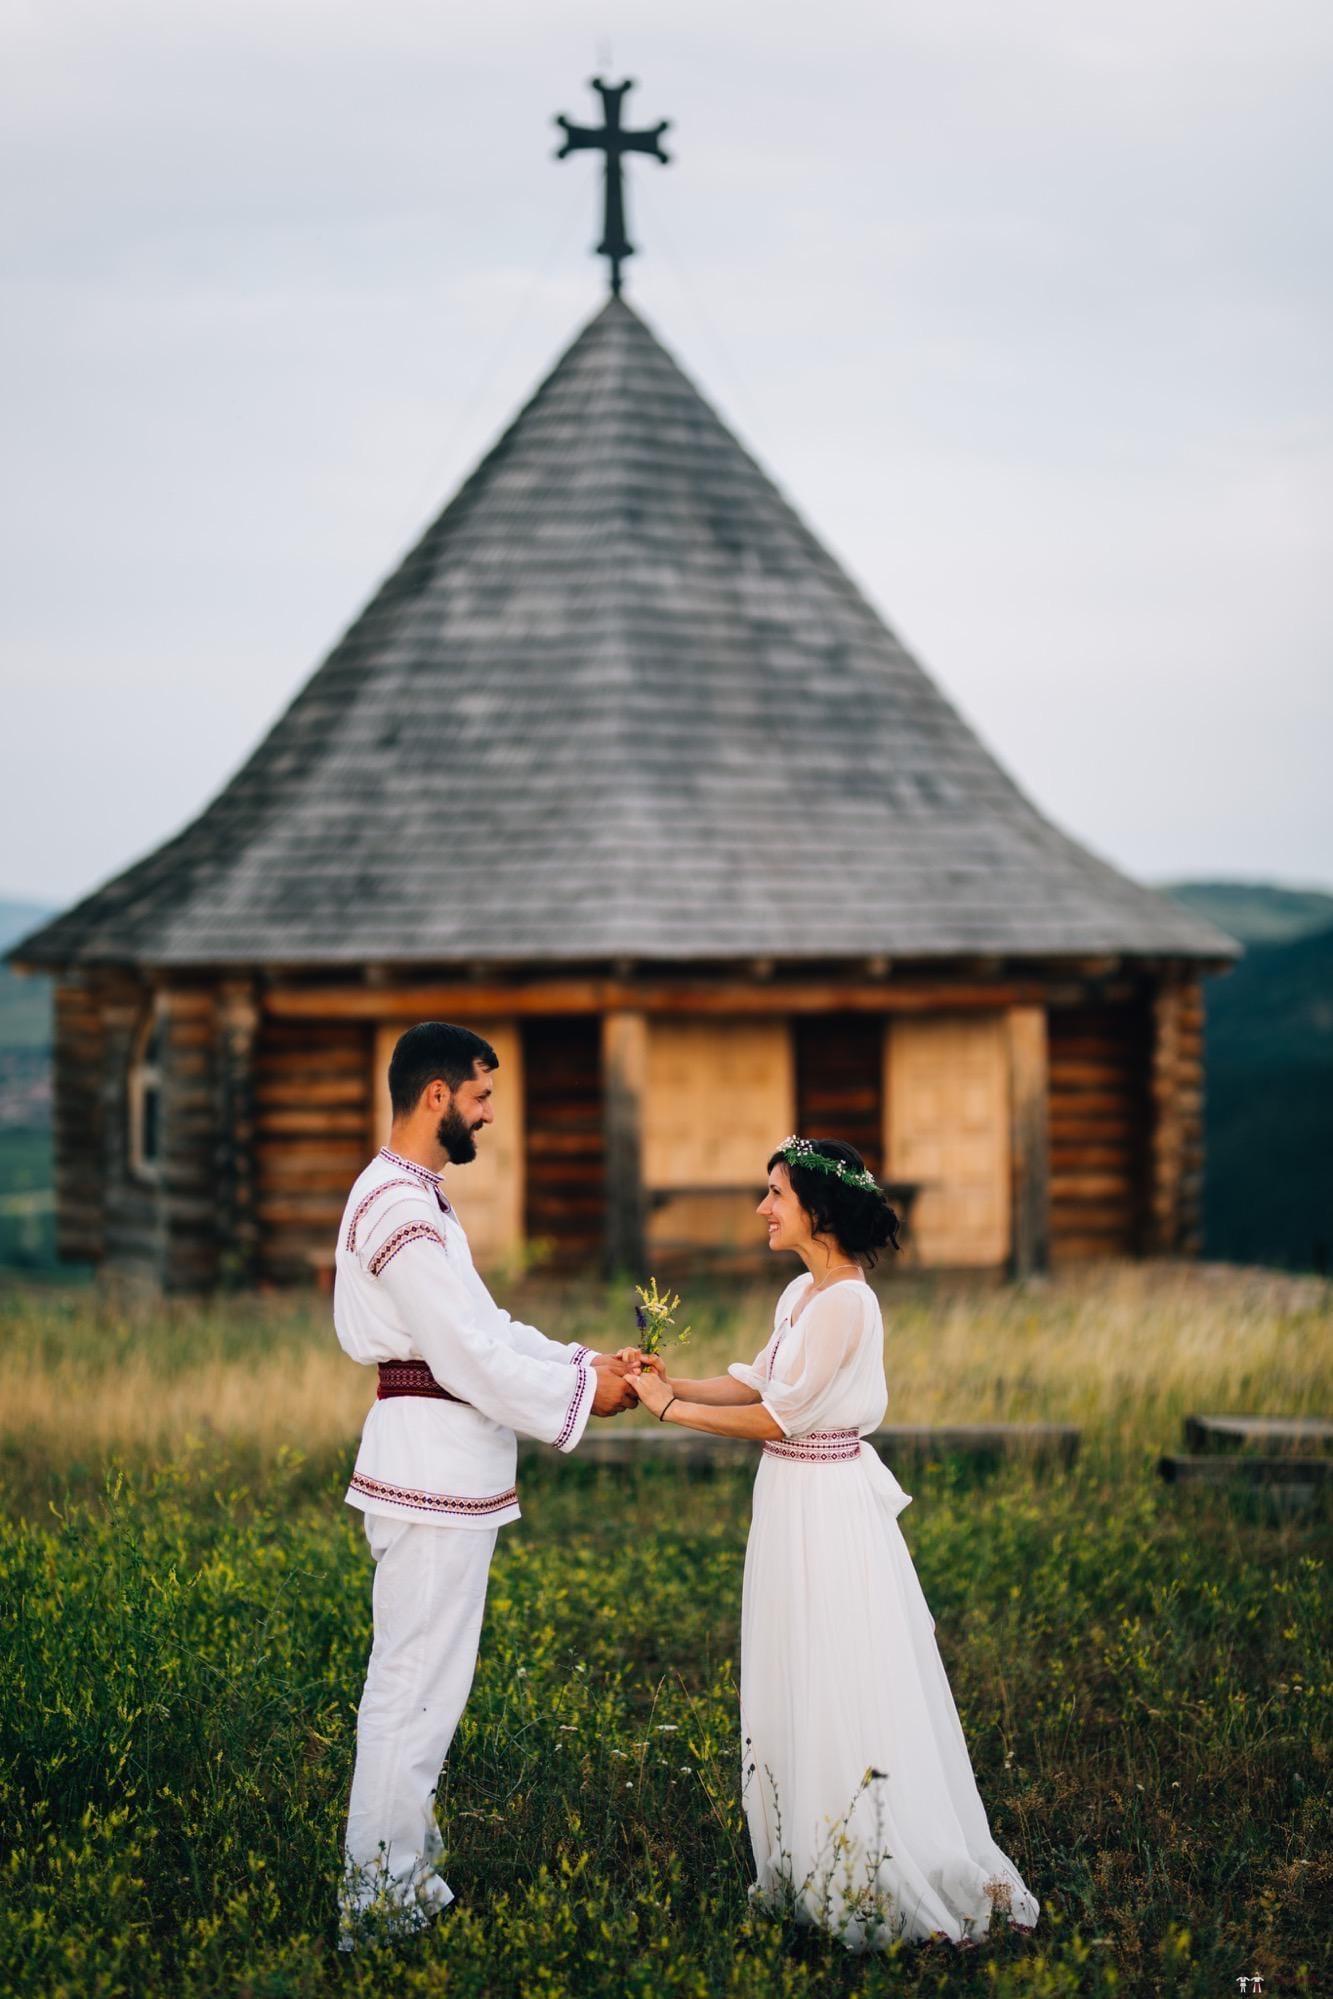 Povești Nunți Tradiționale - Diana și Bogdan. Nuntă tradițională în Găbud, Alba 27